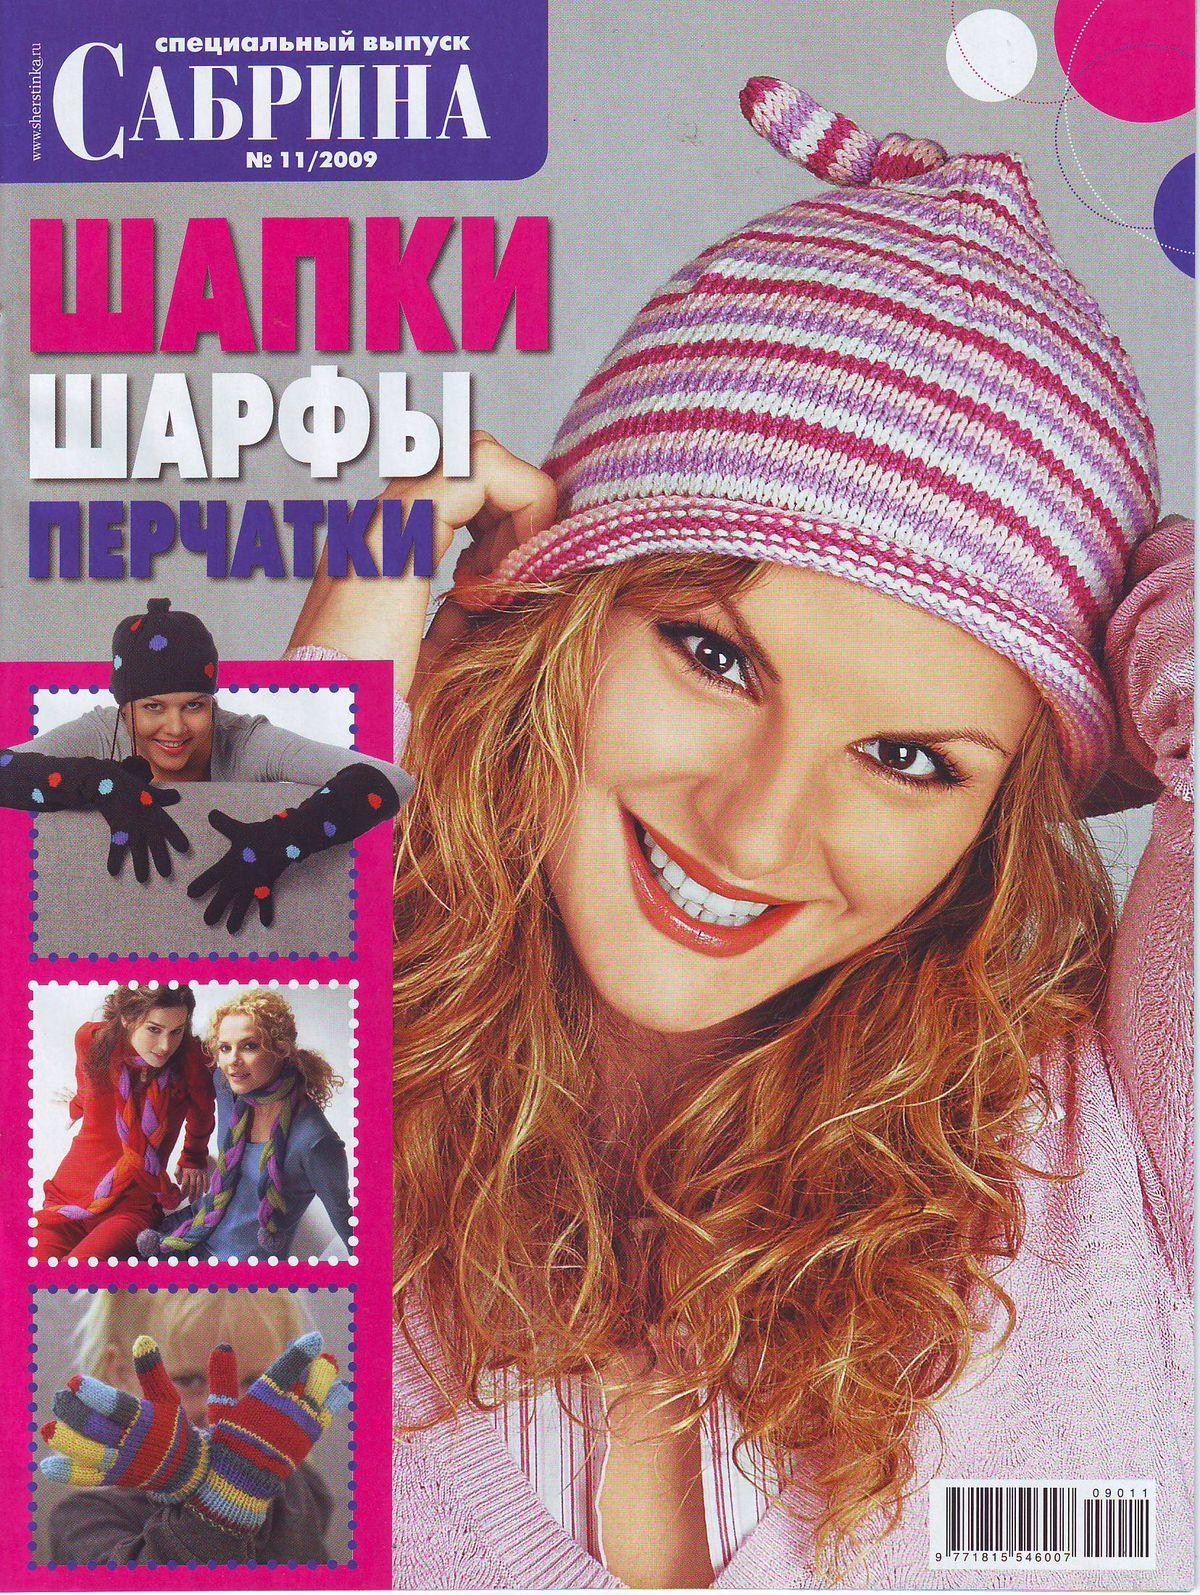 """Сабрина. Специальный выпуск. Шапки, шарфы, перчатки."""" №11/2009"""